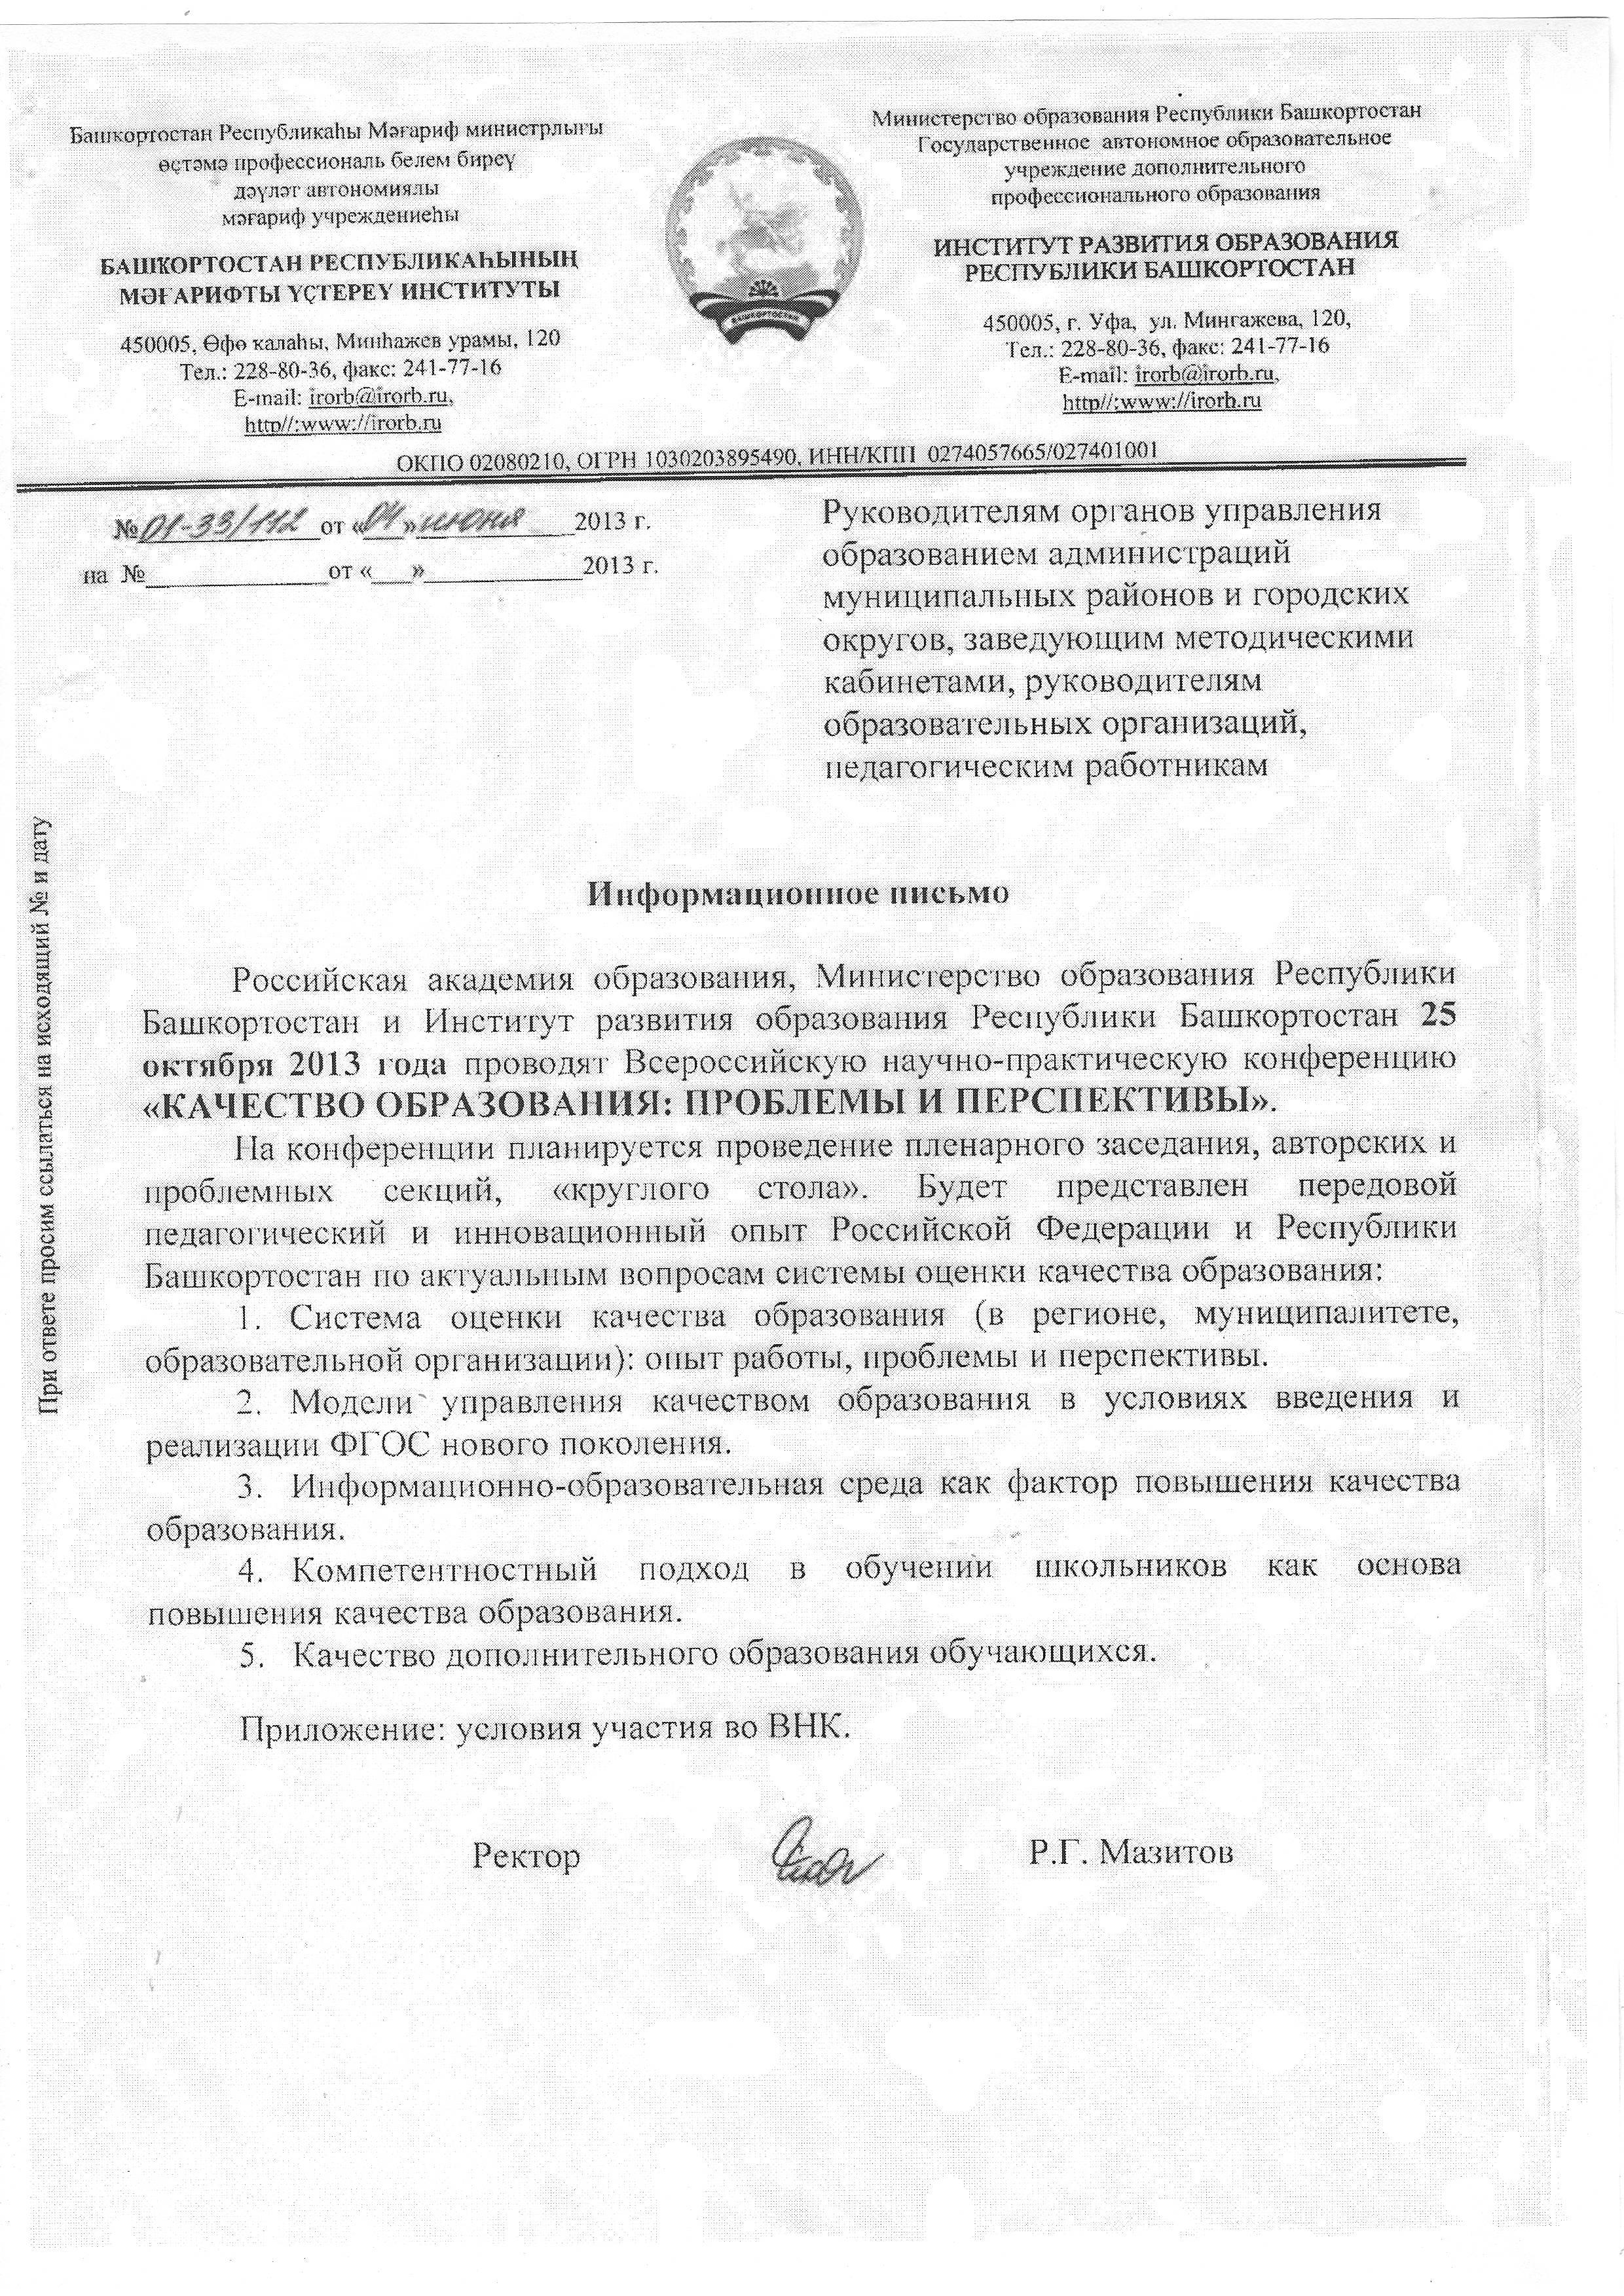 Образец Письма о Смене Юр Адреса